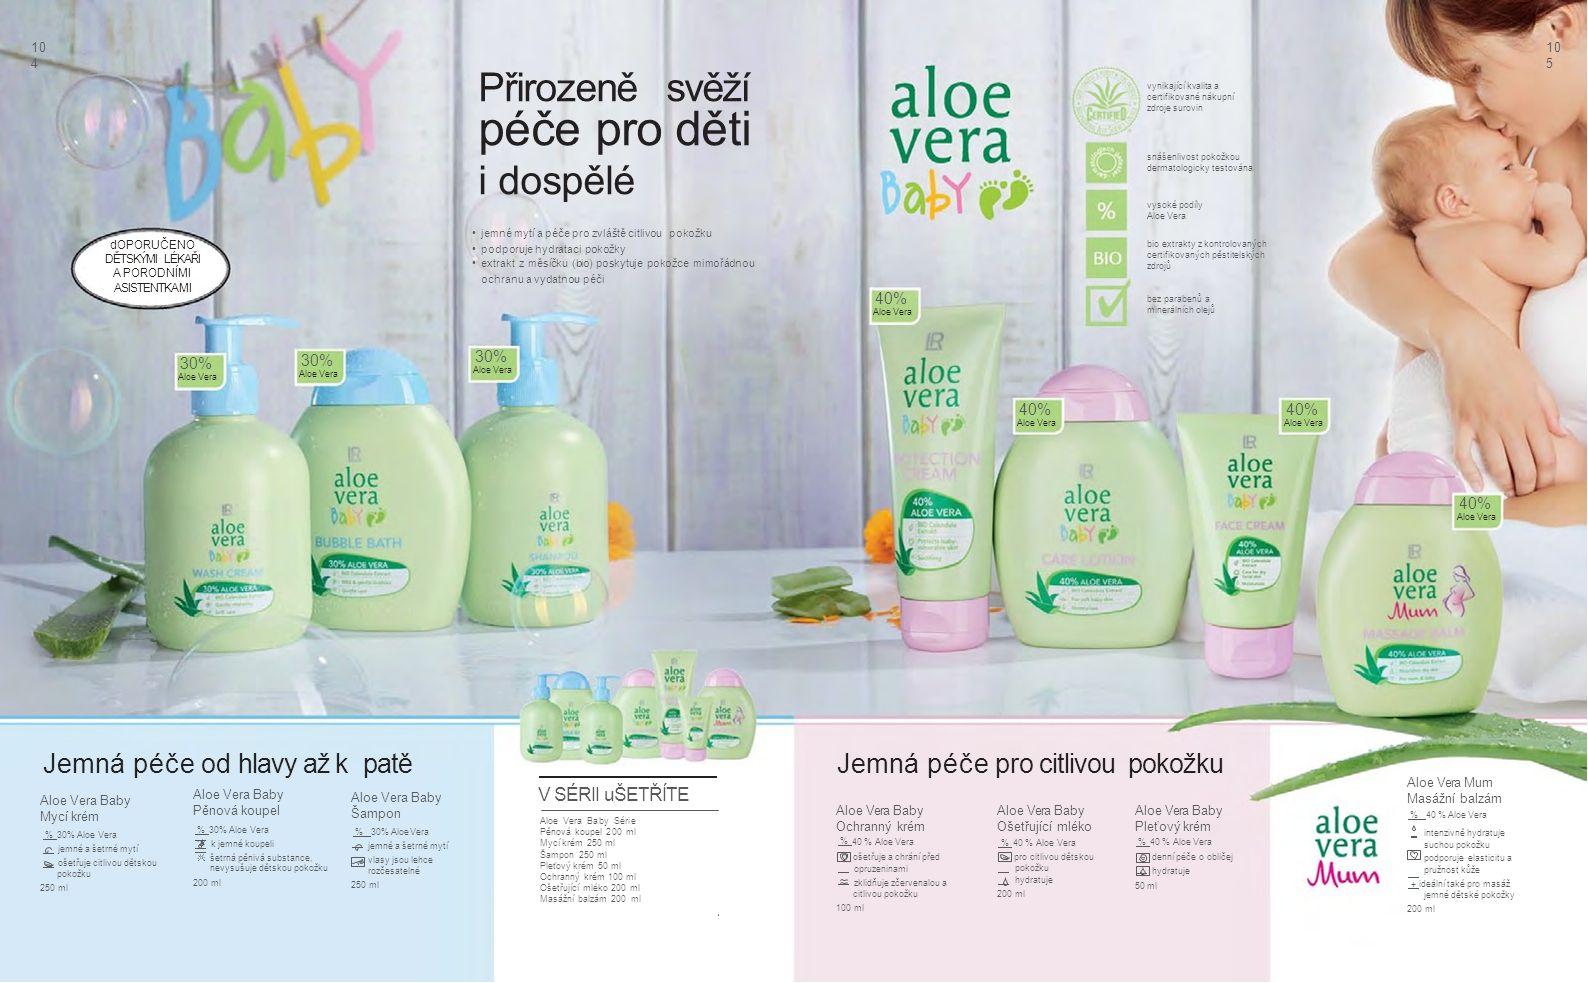 10 4 10 5 Přirozeně svěží péče pro děti i dospělé jemné mytí a péče pro zvláště citlivou pokožku podporuje hydrataci pokožky extrakt z měsíčku (bio) poskytuje pokožce mimořádnou ochranu a vydatnou péči 40 % Aloe Vera 40 % Aloe Vera 40 % Aloe Vera 40 % Aloe Vera Aloe Vera Baby Ošetřující mléko % 40 % Aloe Vera pro citlivou dětskou pokožku hydratuje 200 ml Aloe Vera Baby Pleťový krém % 40 % Aloe Vera denní péče o obličej hydratuje 50 ml Jemná péče pro citlivou pokožku Aloe Vera Mum Masážní balzám % 40 % Aloe Vera intenzivně hydratuje suchou pokožku podporuje elasticitu a pružnost kůže + ideální také pro masáž jemné dětské pokožky 200 ml Aloe Vera Baby Pěnová koupel k jemné koupeli šetrná pěnivá substance, 30 % Aloe Vera 30 % Aloe Vera 30 % Aloe Vera % 30% Aloe Vera Jemná péče od hlavy až k patě V SÉRII uŠETŘÍTE Aloe Vera Baby Ochranný krém % 40 % Aloe Vera ošetřuje a chrání před opruzeninami zklidňuje zčervenalou a citlivou pokožku 100 ml Aloe Vera Baby Série Pěnová koupel 200 ml Mycí krém 250 ml Šampon 250 ml Pleťový krém 50 ml Ochranný krém 100 ml Ošetřující mléko 200 ml Masážní balzám 200 ml dOPORUČENO DĚTSKÝMI LÉKAŘI A PORODNÍMI ASISTENTKAMI Aloe Vera Baby Mycí krém % 30% Aloe Vera jemné a šetrné mytí ošetřuje citlivou dětskou pokožku 250 ml nevysušuje dětskou pokožku 200 ml Aloe Vera Baby Šampon % 30% Aloe Vera jemné a šetrné mytí vlasy jsou lehce rozčesatelné 250 ml vynikající kvalita a certifikované nákupní zdroje surovin bio extrakty z kontrolovaných certifikovaných pěstitelských zdrojů vysoké podíly Aloe Vera snášenlivost pokožkou dermatologicky testována bez parabenů a minerálních olejů